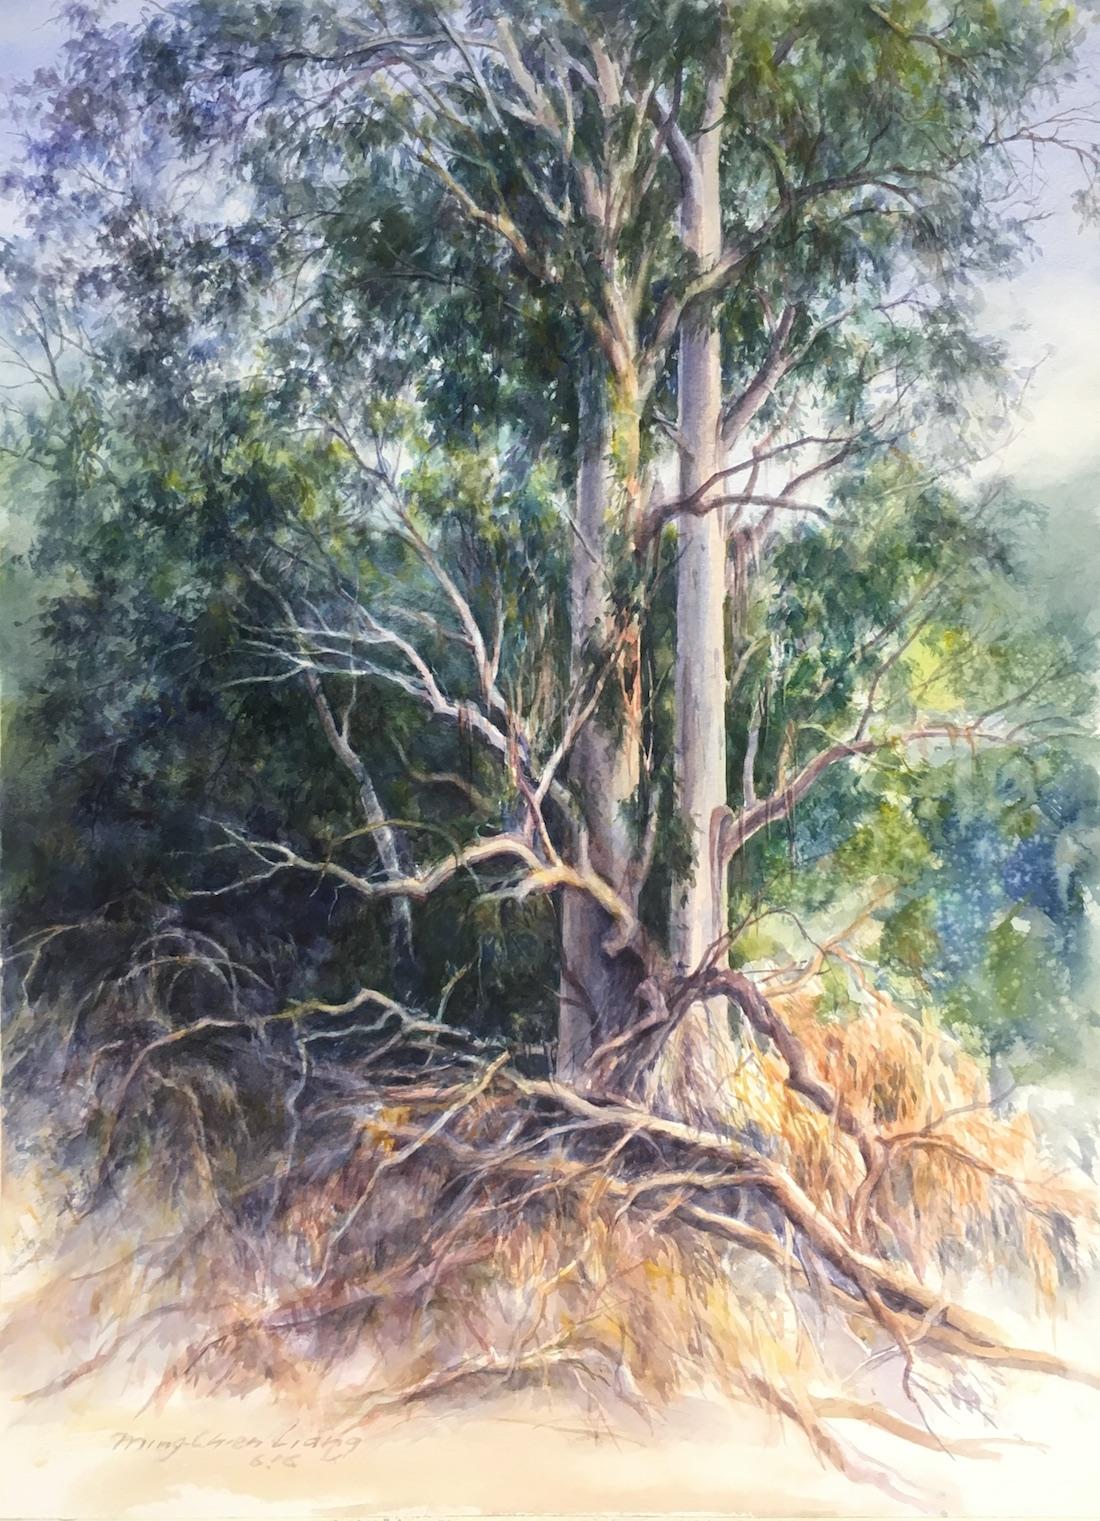 Two eucalyptus trees